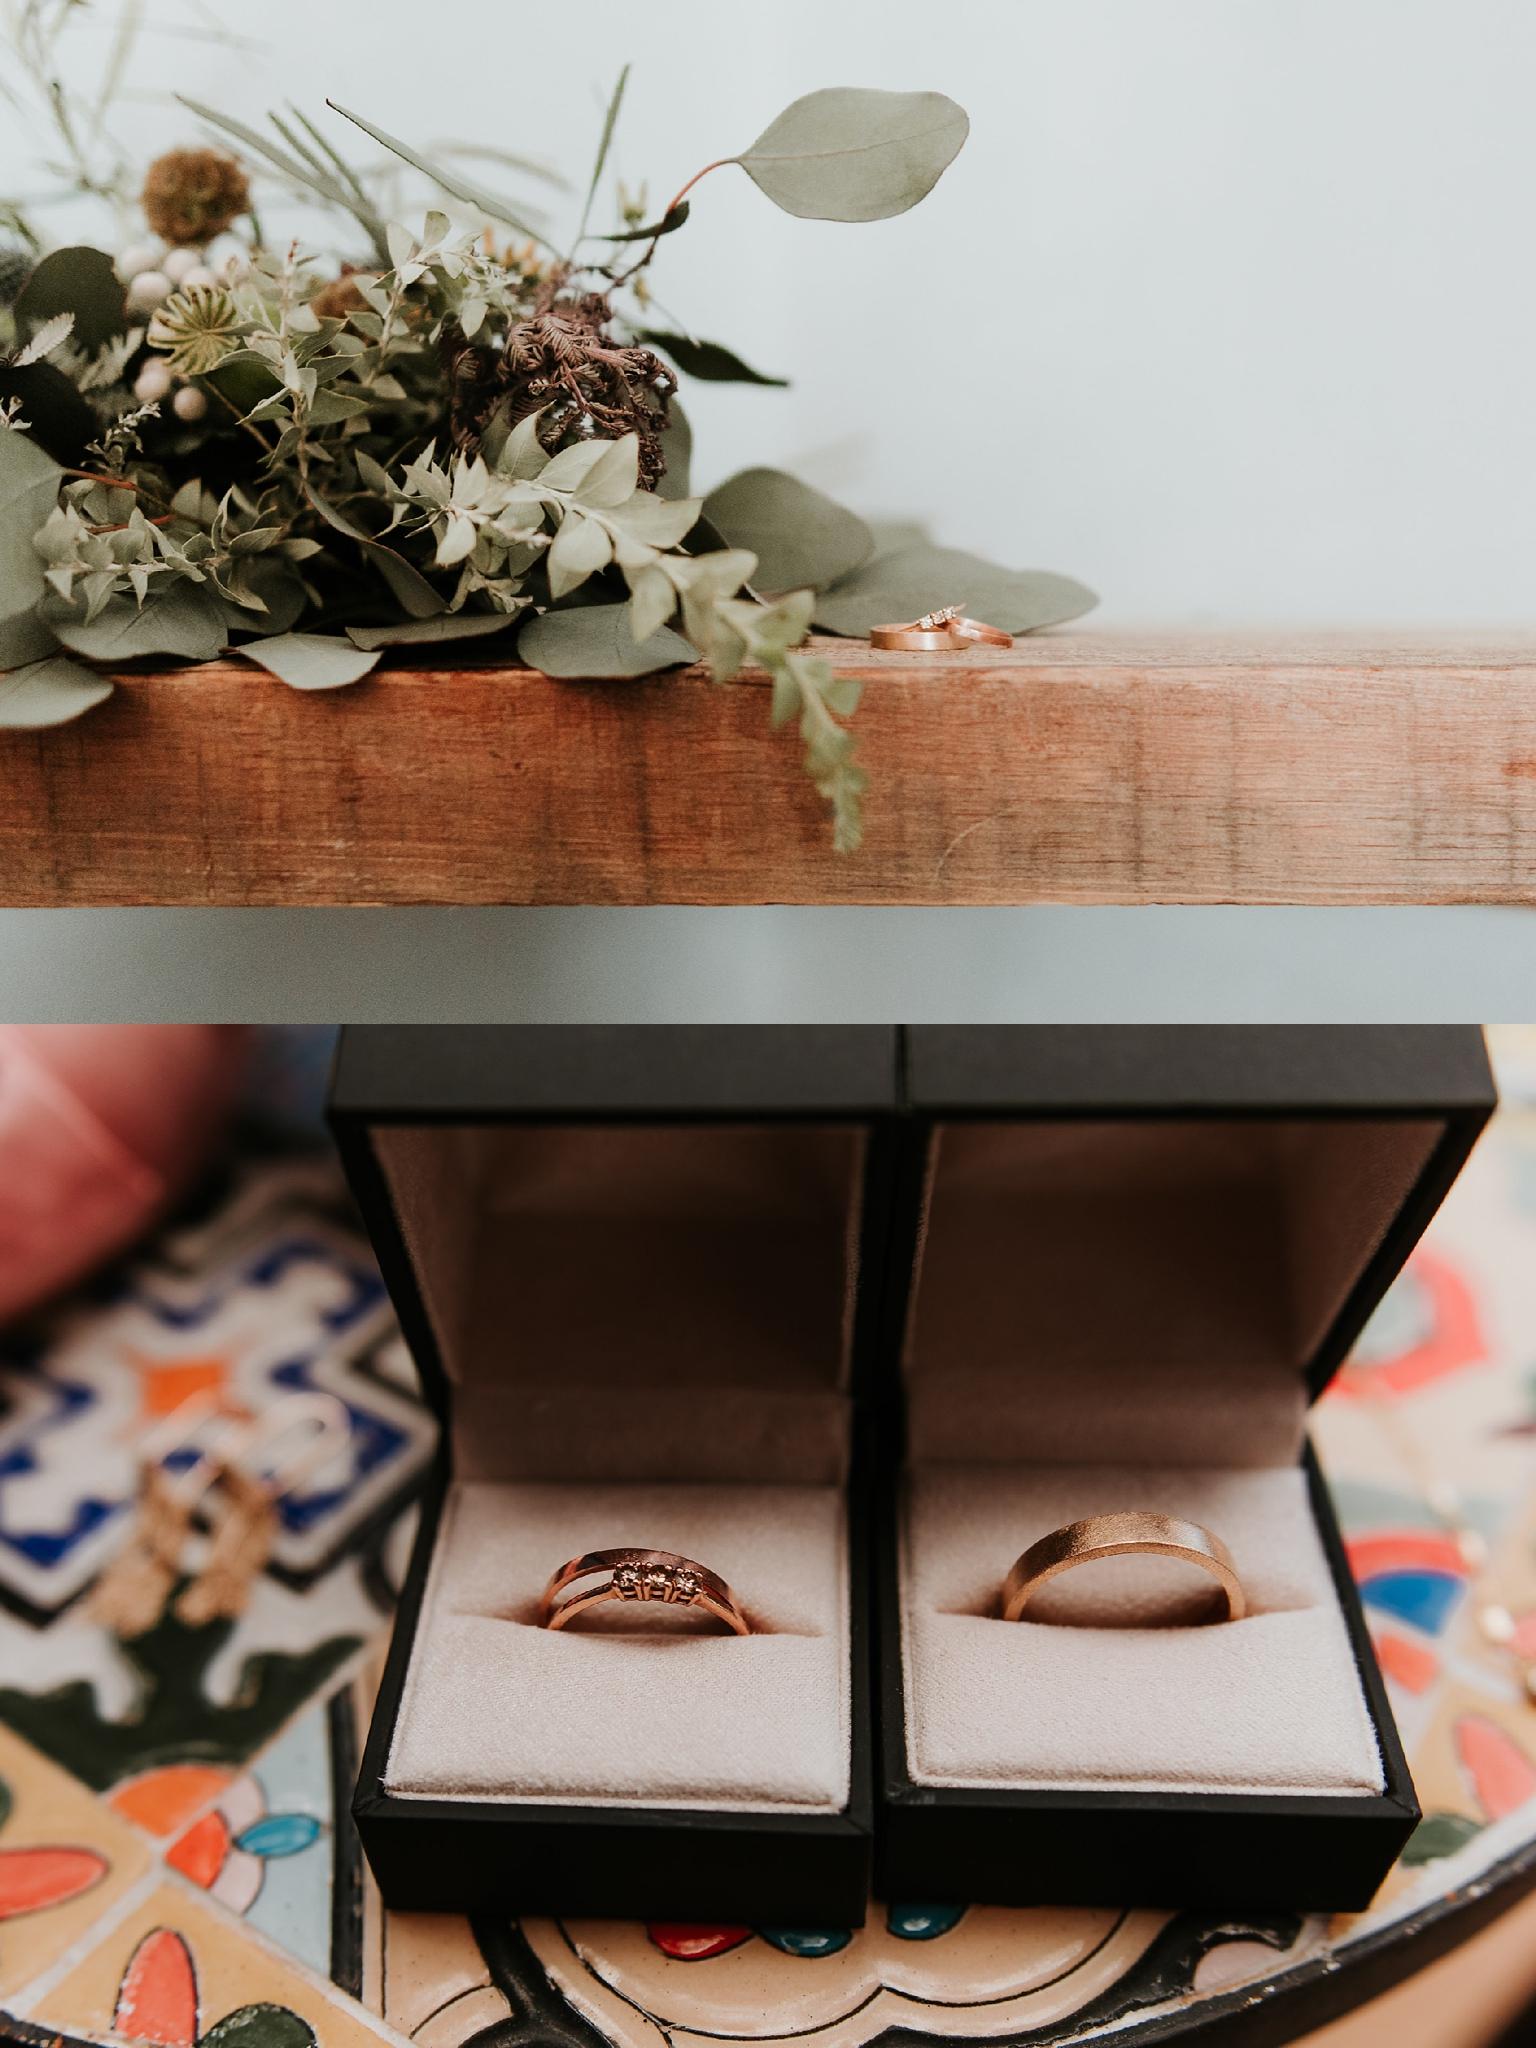 Alicia+lucia+photography+-+albuquerque+wedding+photographer+-+santa+fe+wedding+photography+-+new+mexico+wedding+photographer+-+new+mexico+wedding+-+santa+fe+wedding+-+albuquerque+wedding+-+wedding+rings+-+engagement+rings_0042.jpg